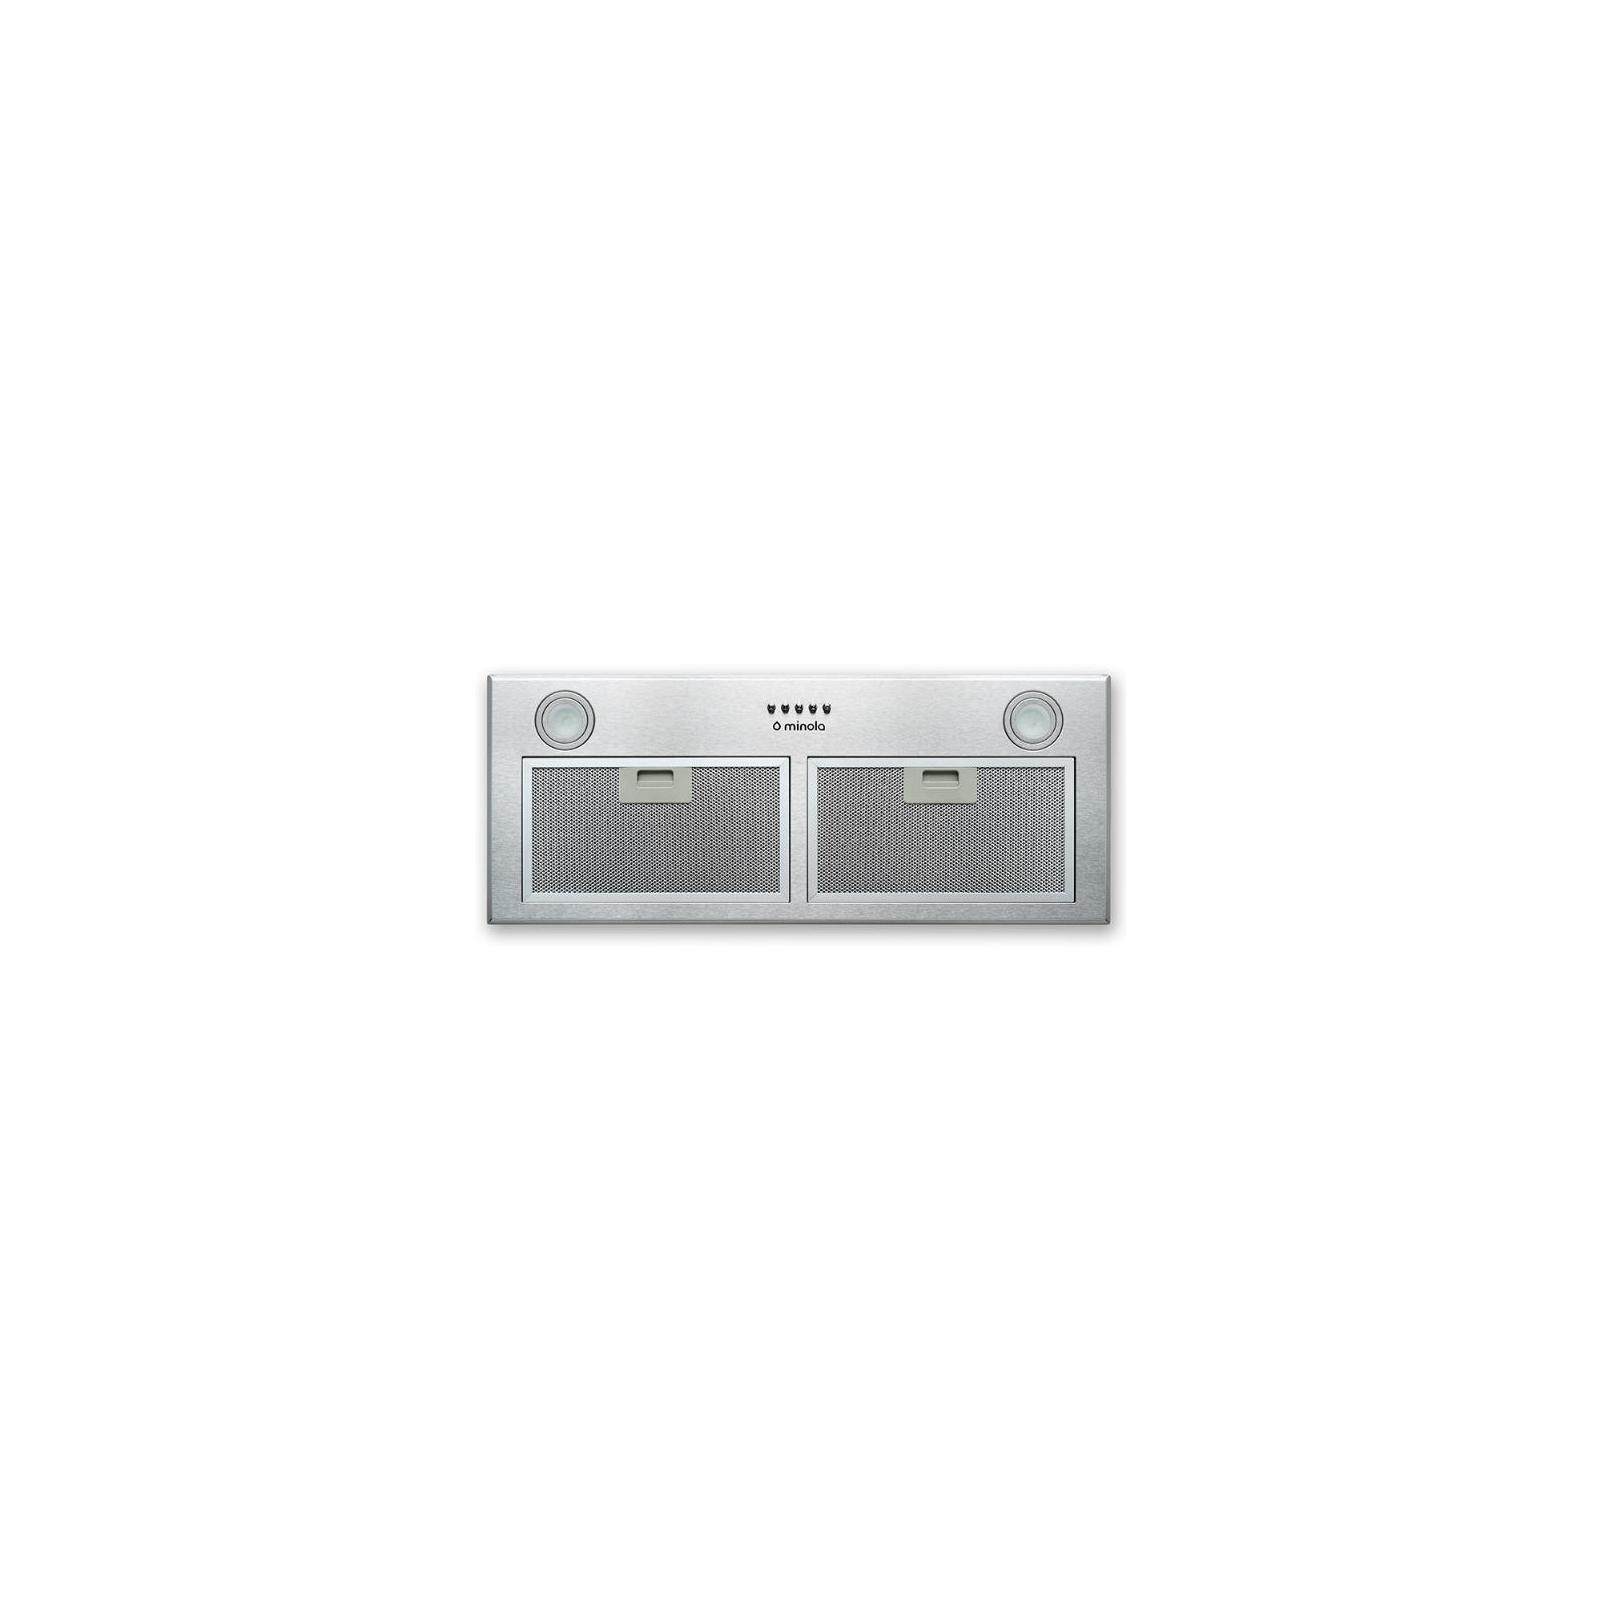 Вытяжка кухонная MINOLA HBI 7812 I 1200 LED изображение 3